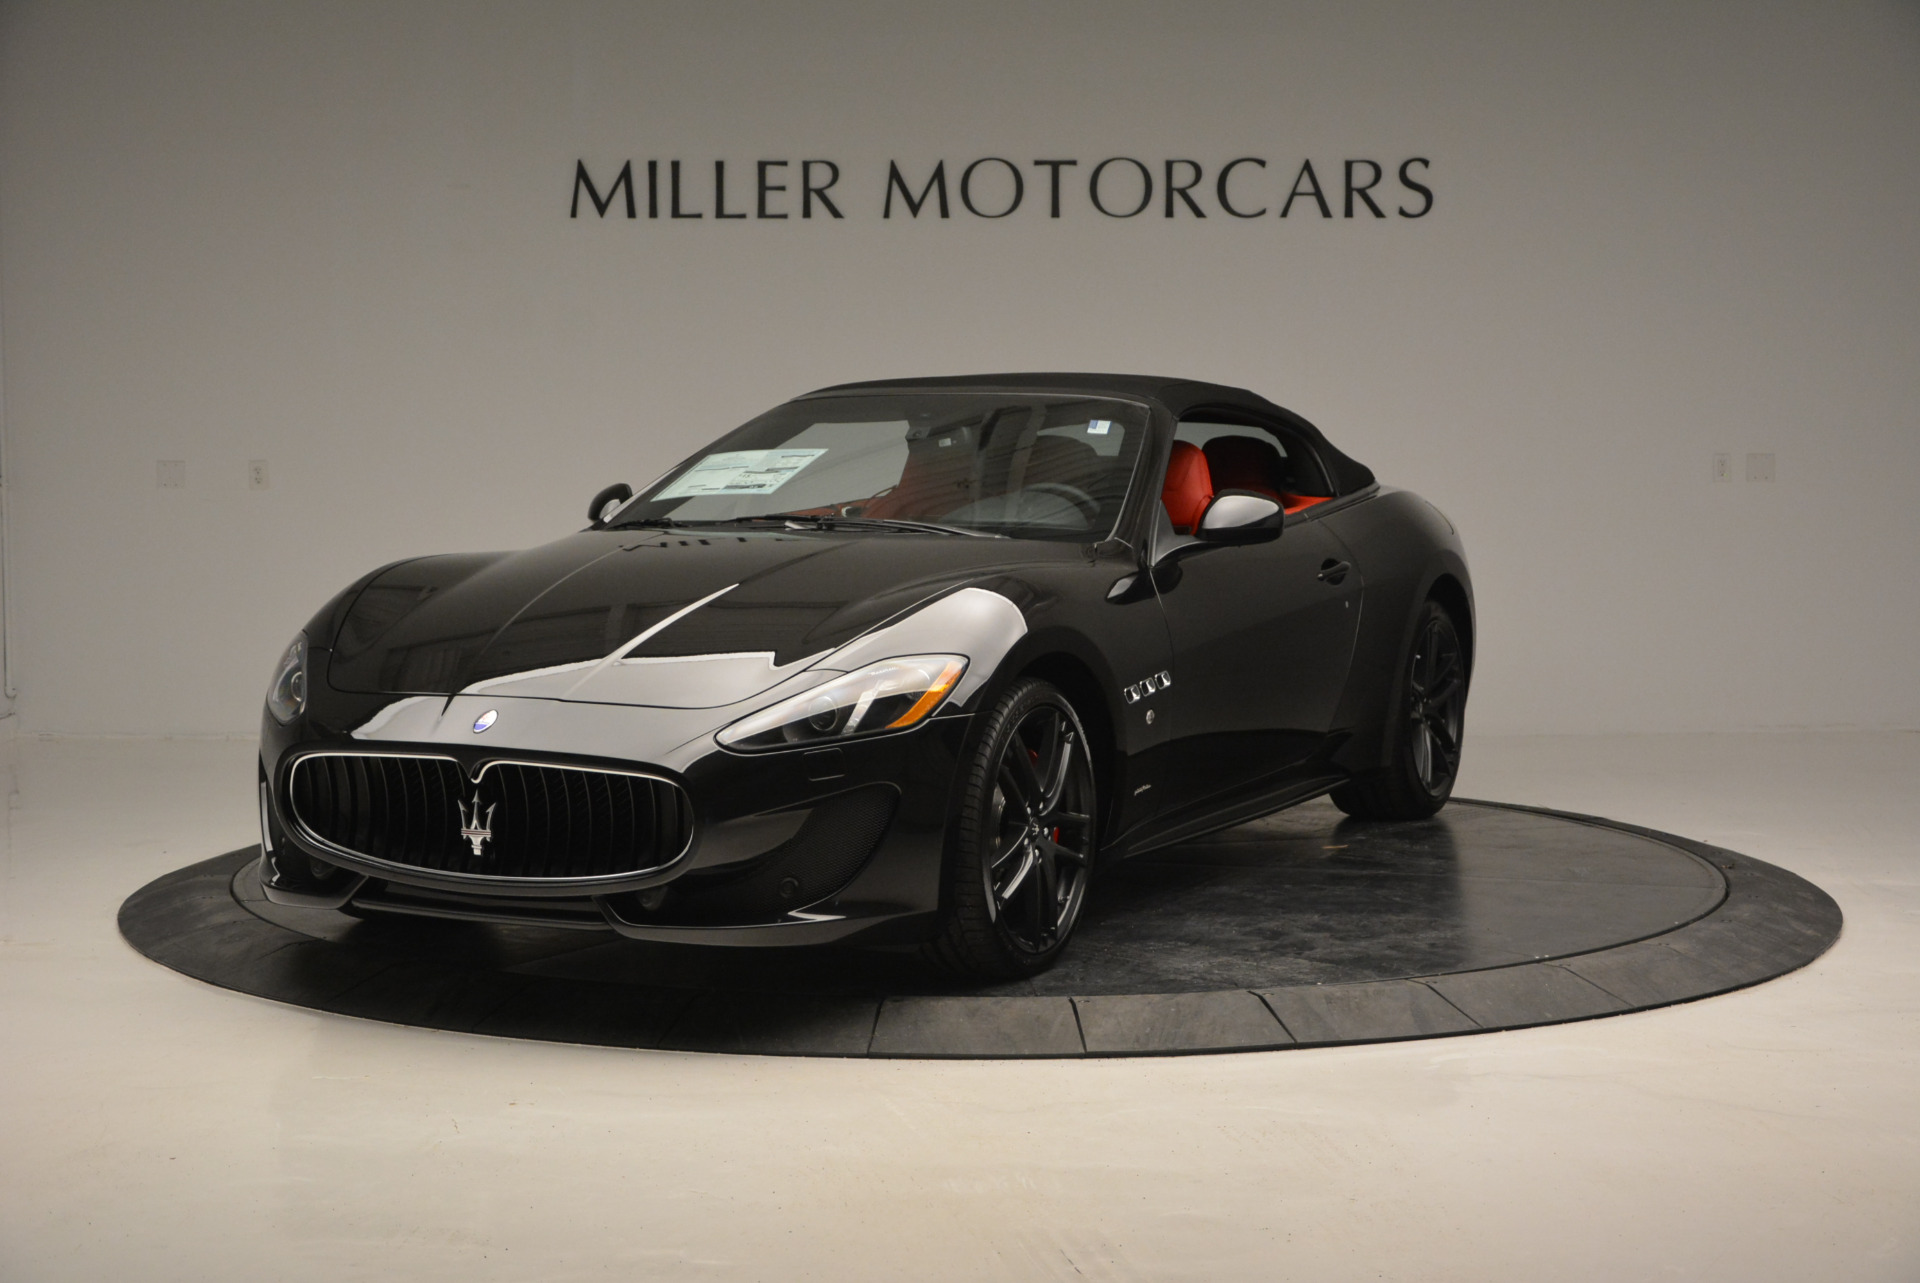 New 2017 Maserati GranTurismo Cab Sport For Sale In Westport, CT 687_p2